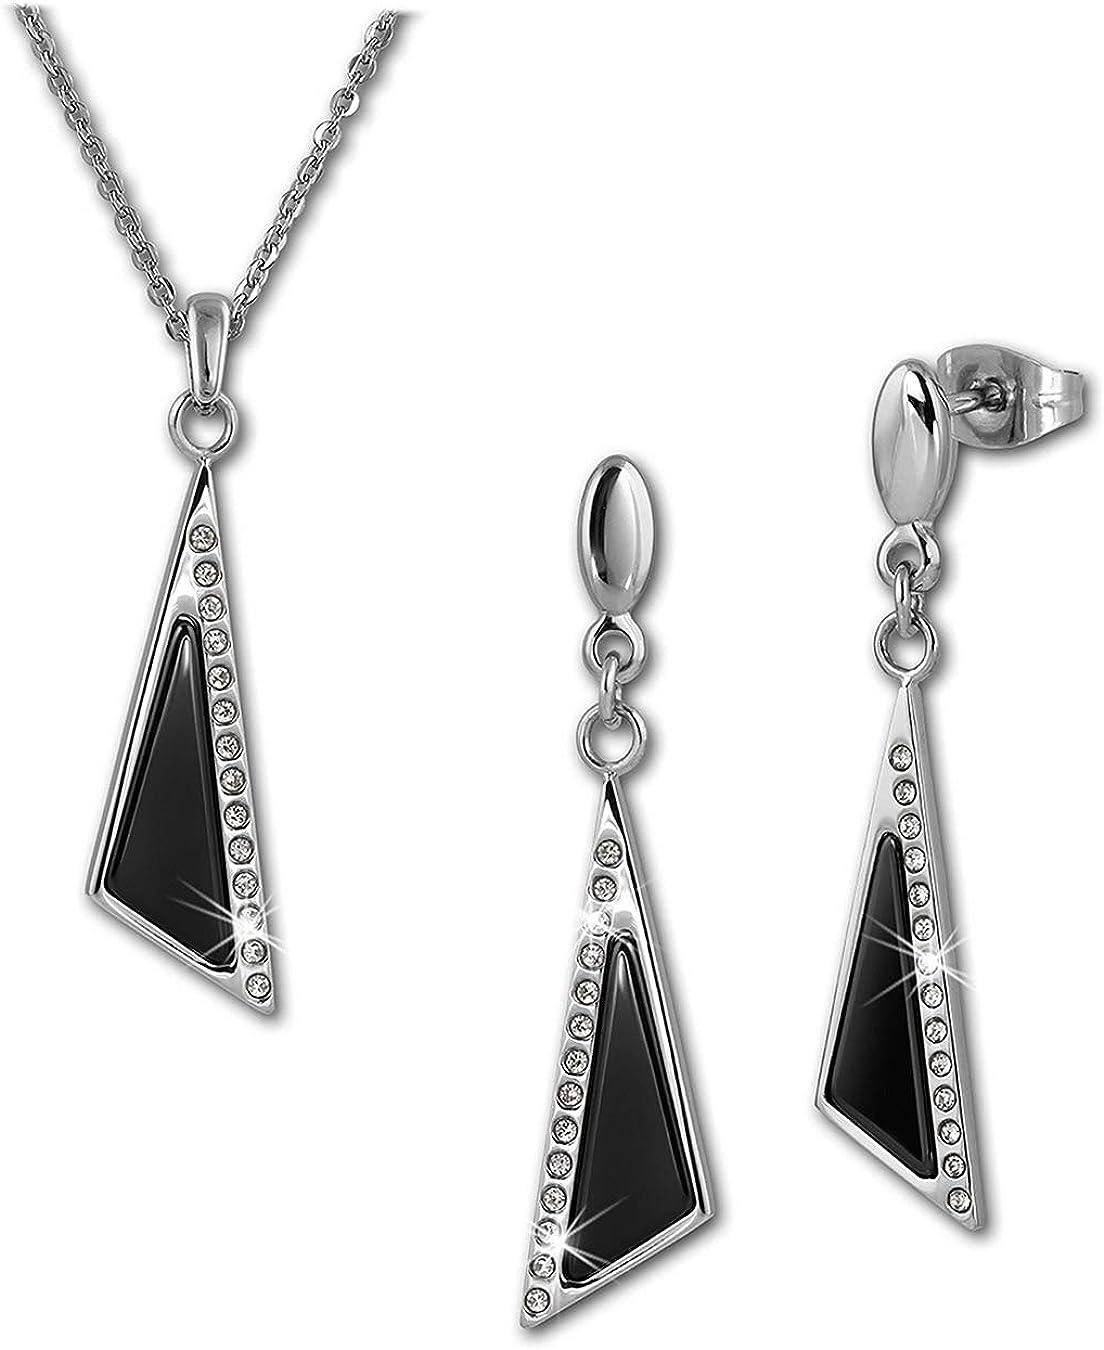 Amello Halskette Keramik Dreieck Zirkonia schwarz Damen Edelstahlschmuck ESKX43S